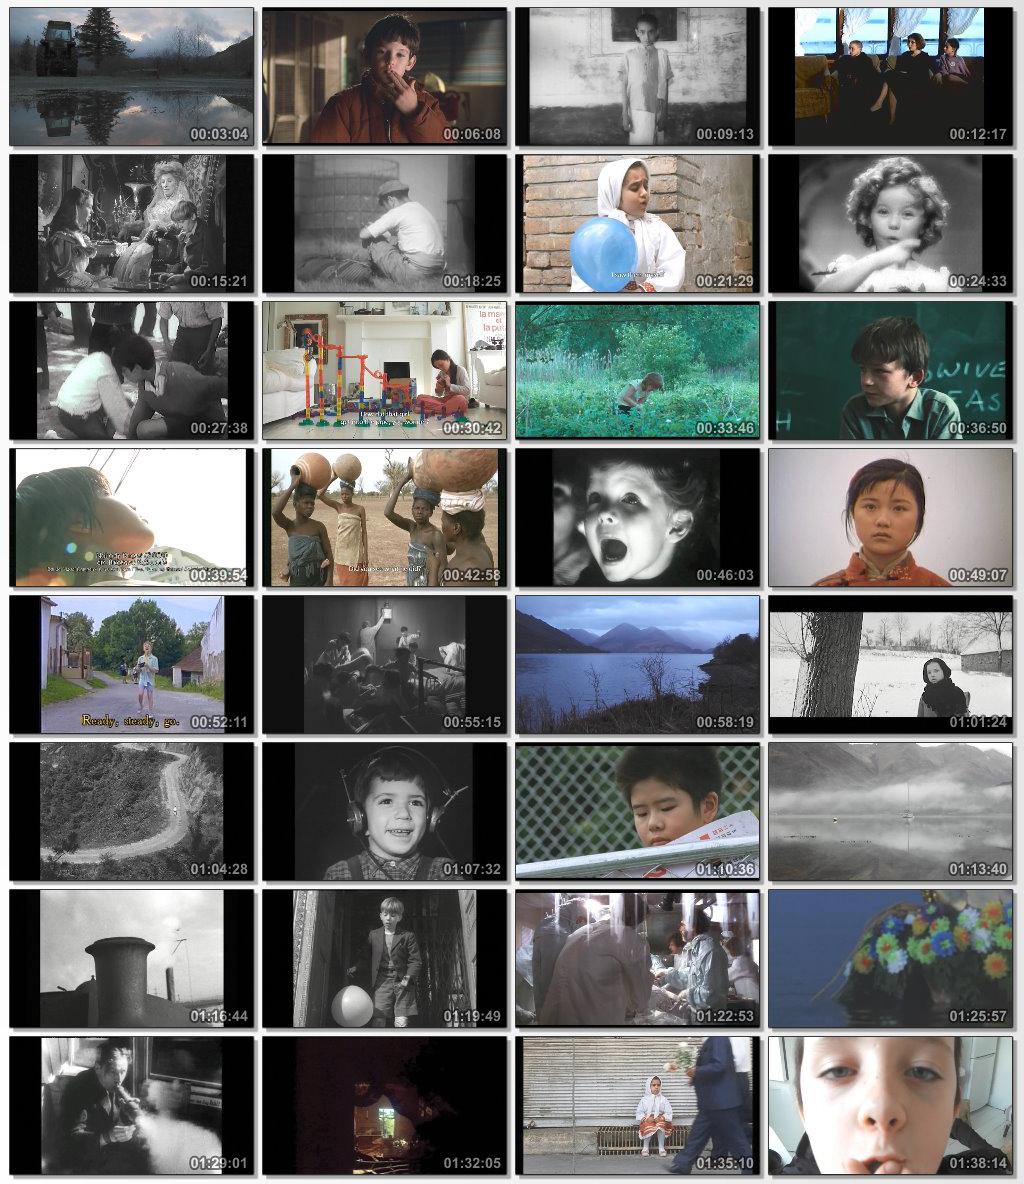 دانلود فیلم مستند A Story of Children and Film 2013